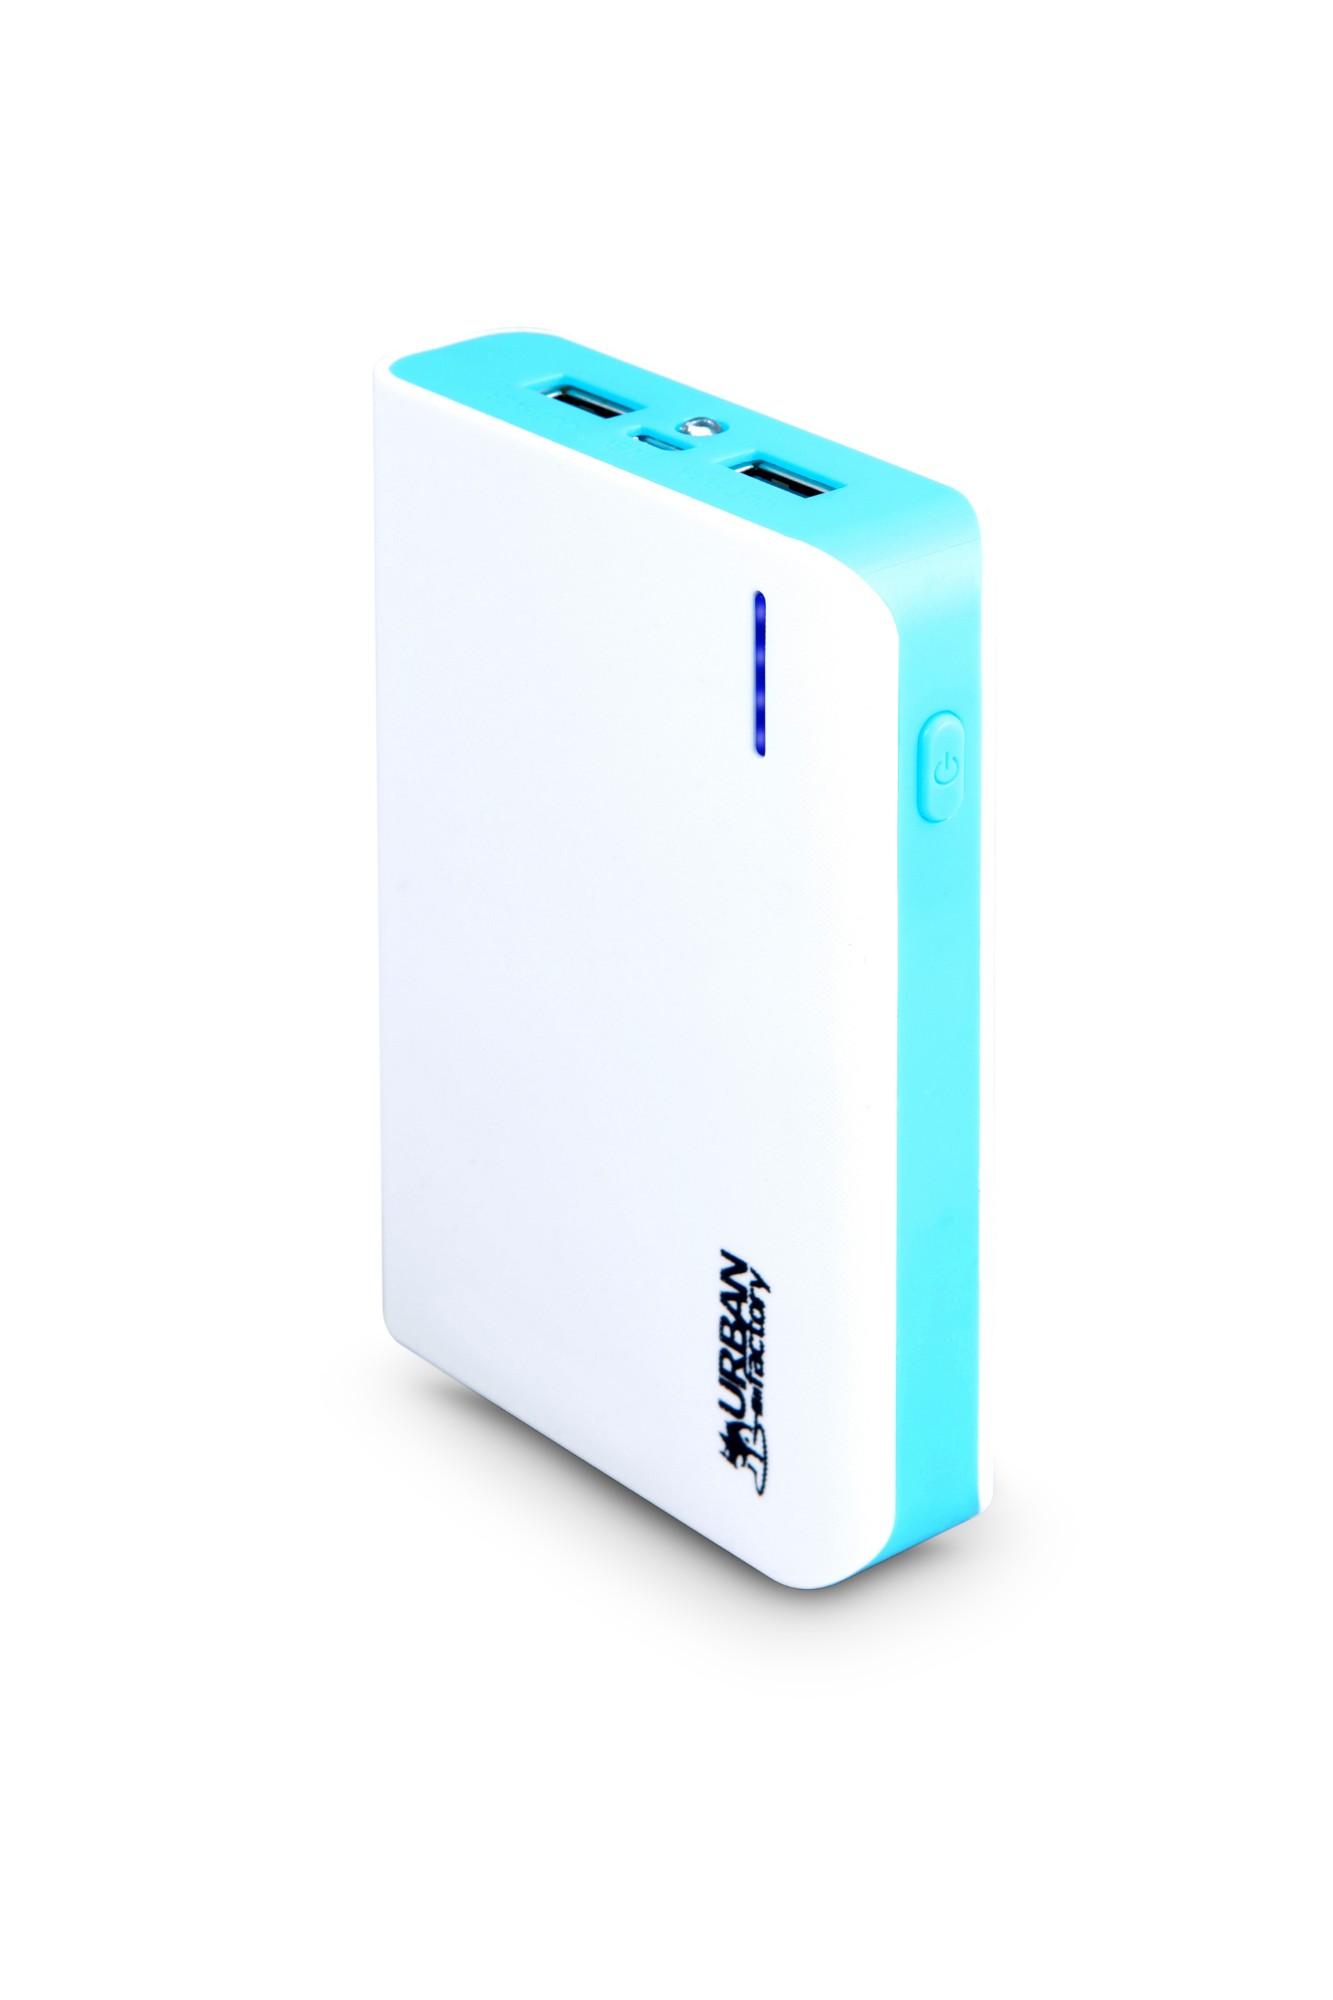 Urban Factory Cosmic batería externa Azul, Blanco 8000 mAh